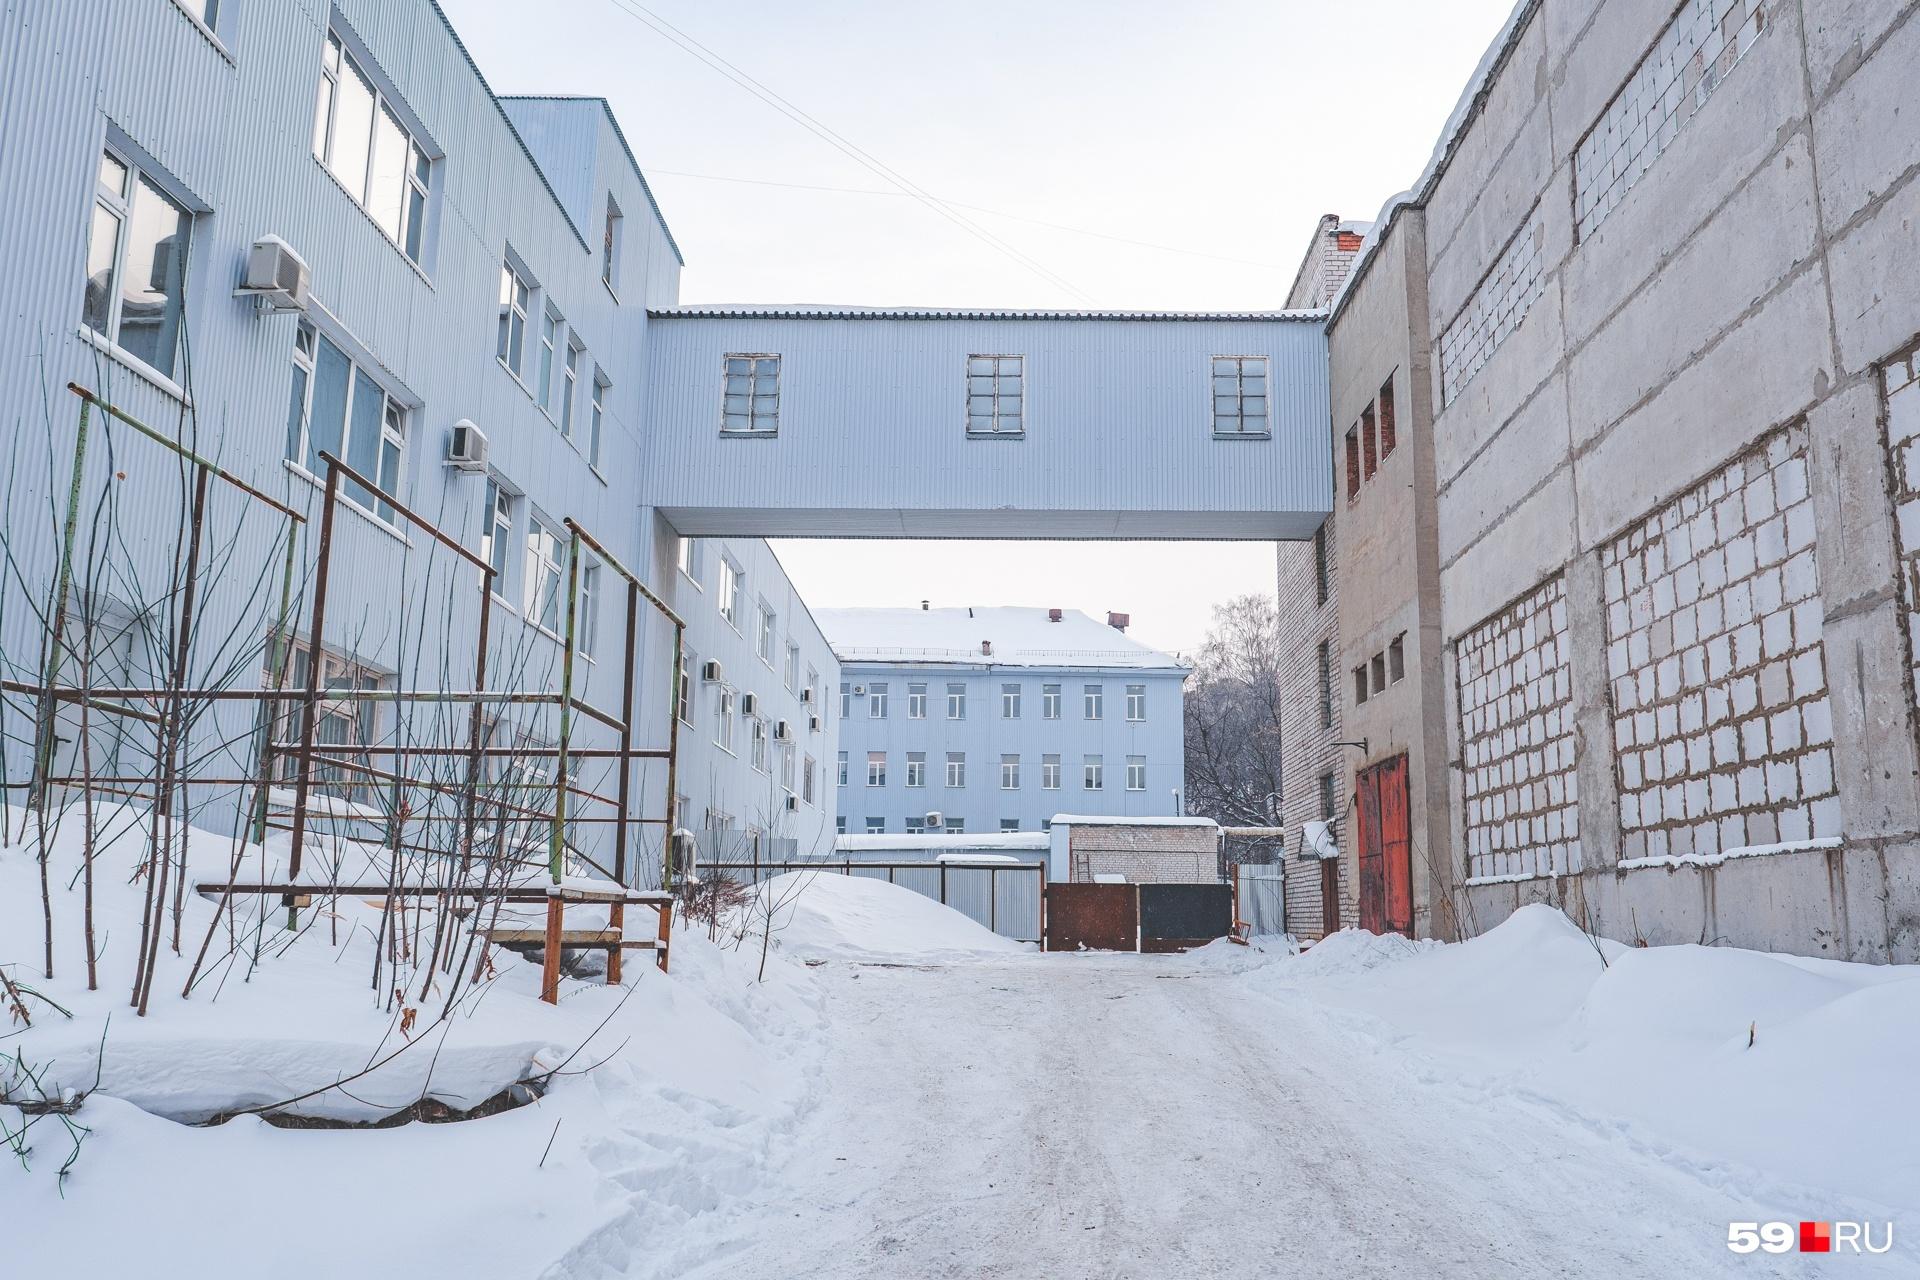 Здание смыкается с корпусом научного института переходом